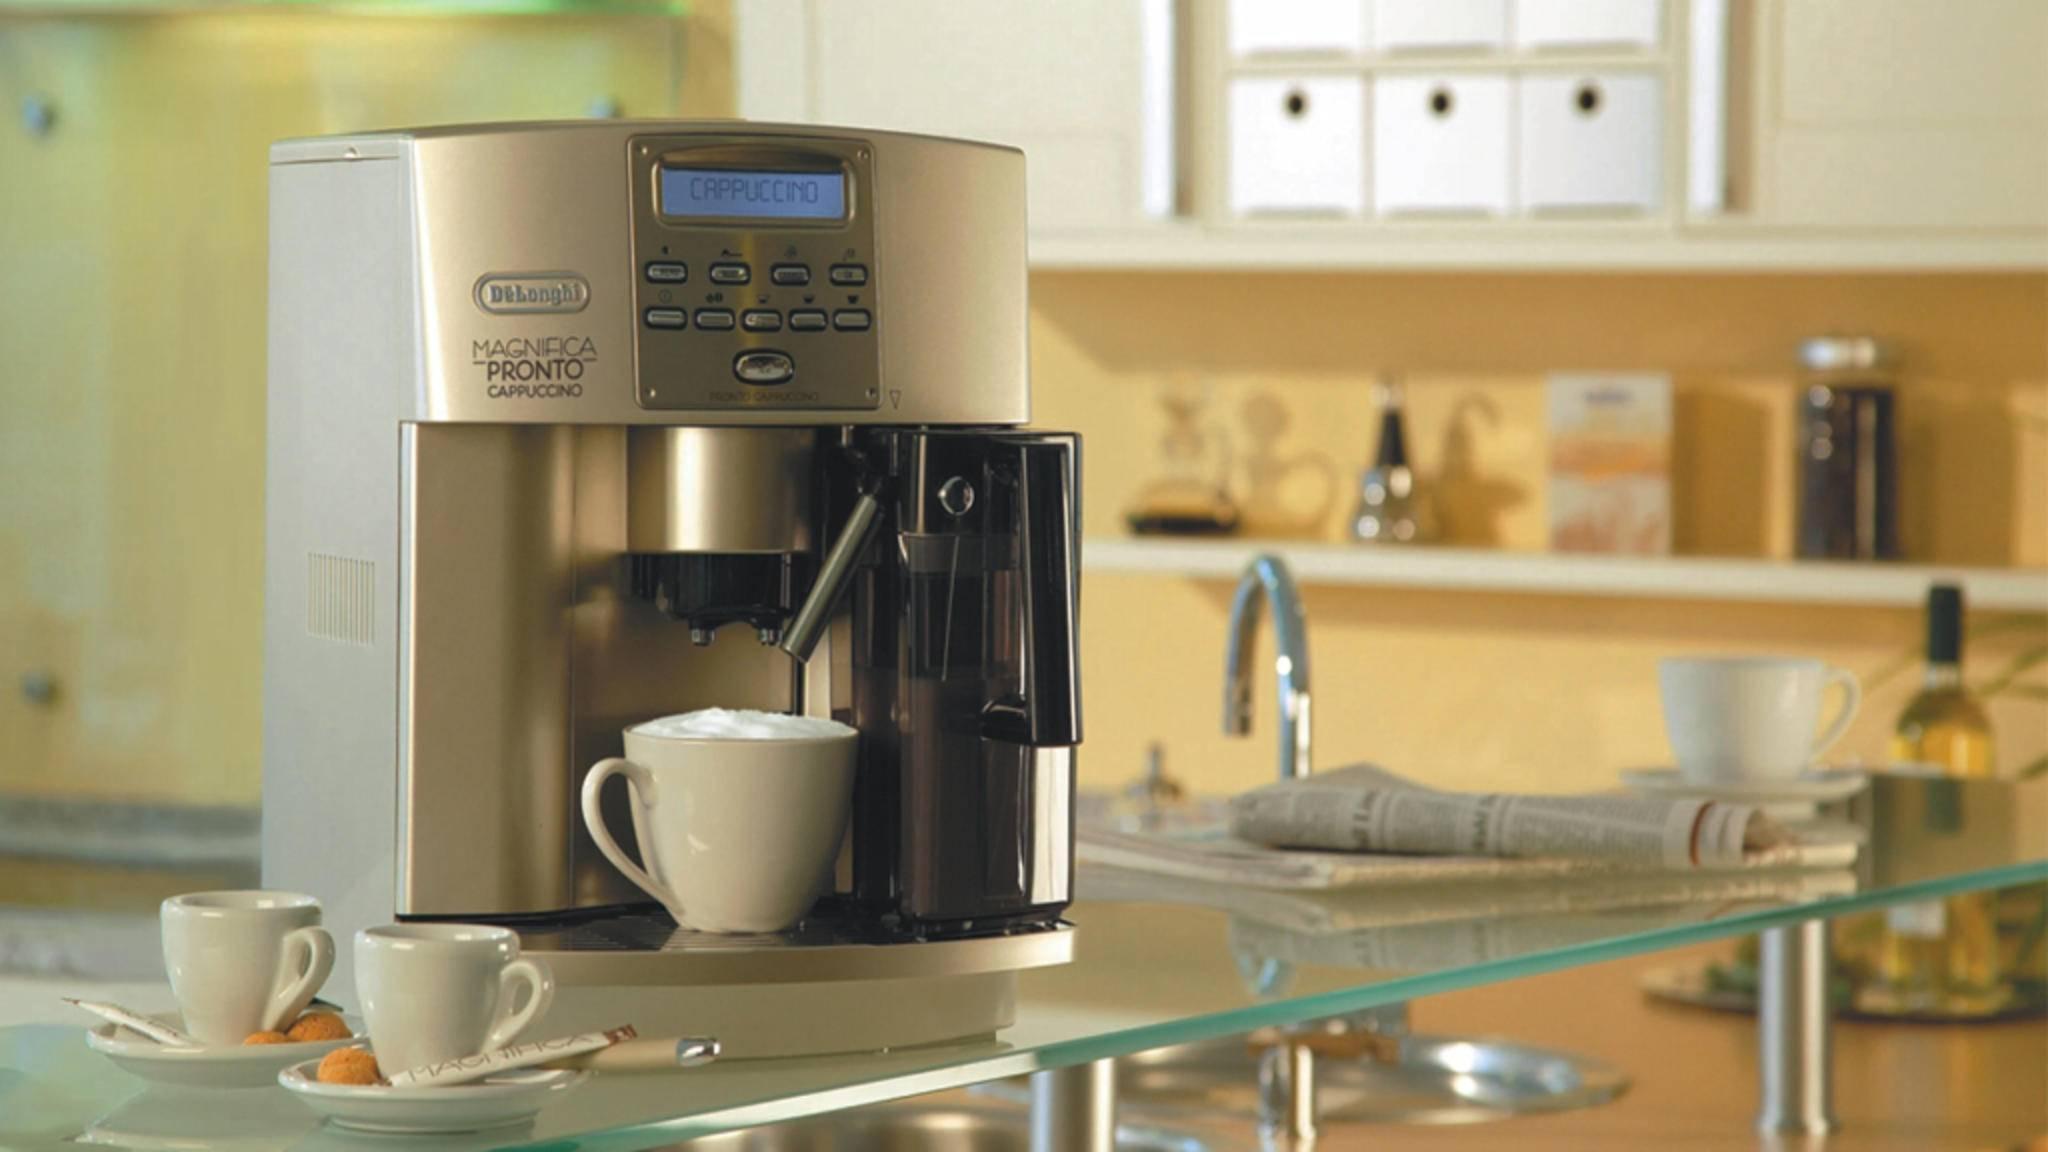 Ausfälle gibt es bei Kaffeevollautomaten laut Stiftung Warentest nicht. Blindkäufe werden trotzdem nicht empfohlen.